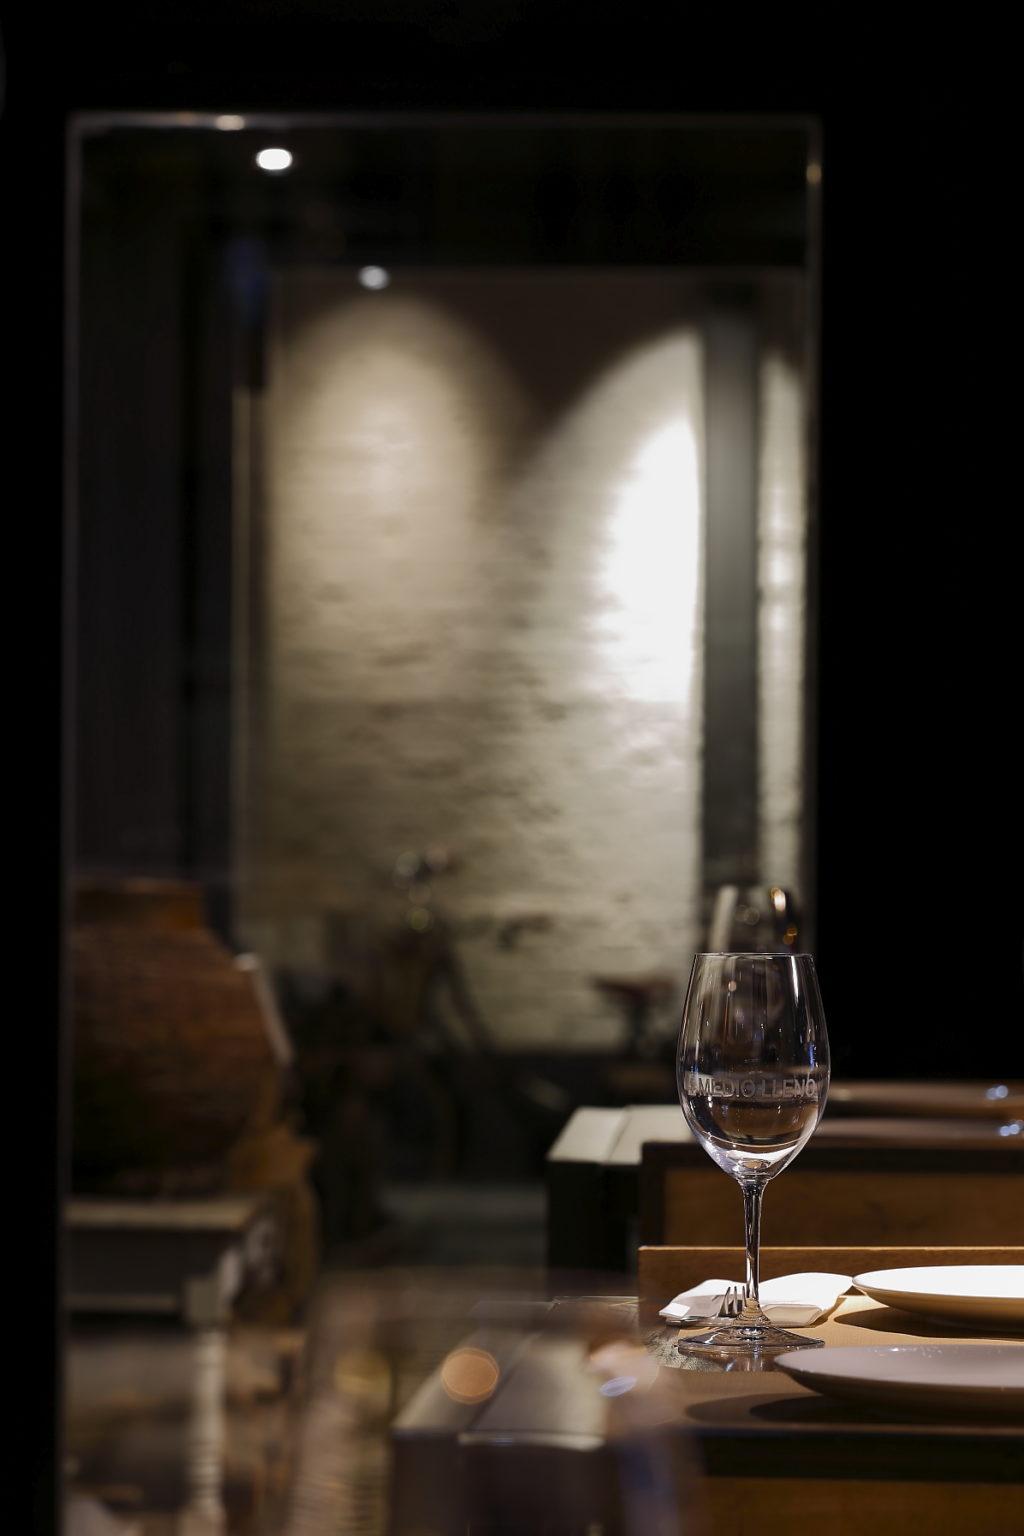 foto de una copa de vino en el medio lleno